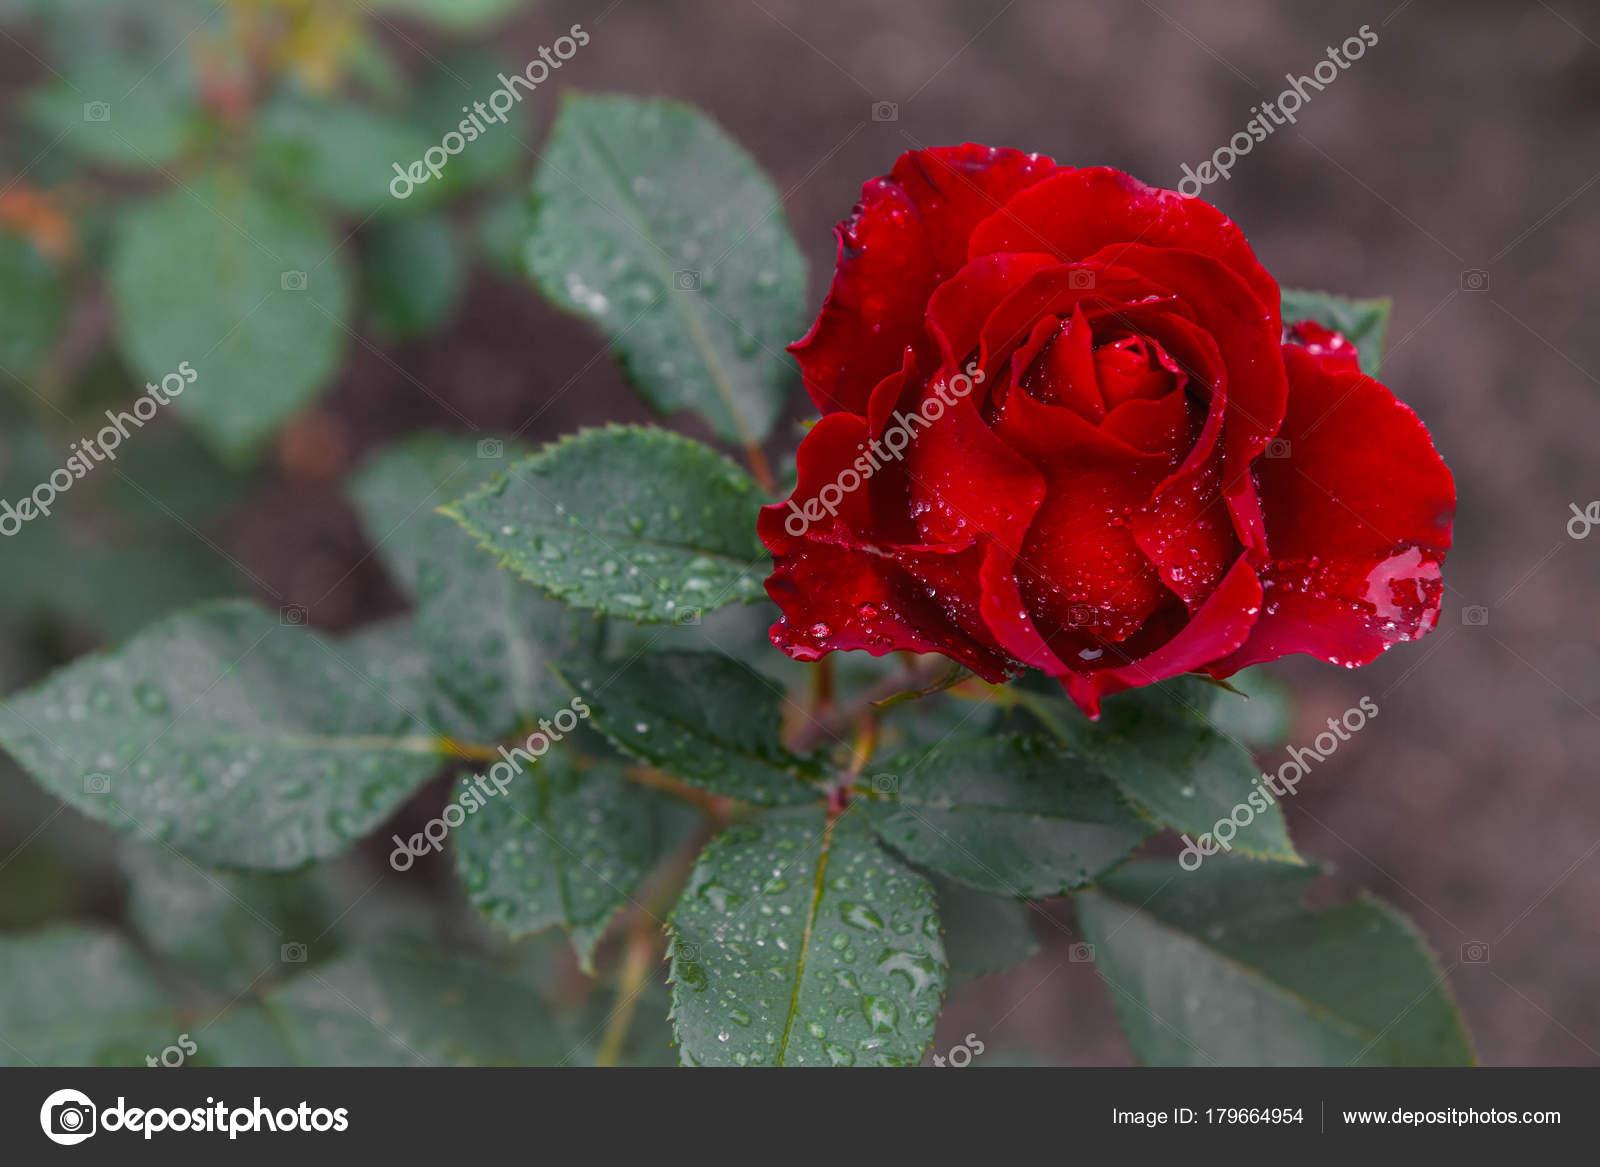 Favorite Flowers Very Beautiful Rose Beautiful Red Rose Drops Dew